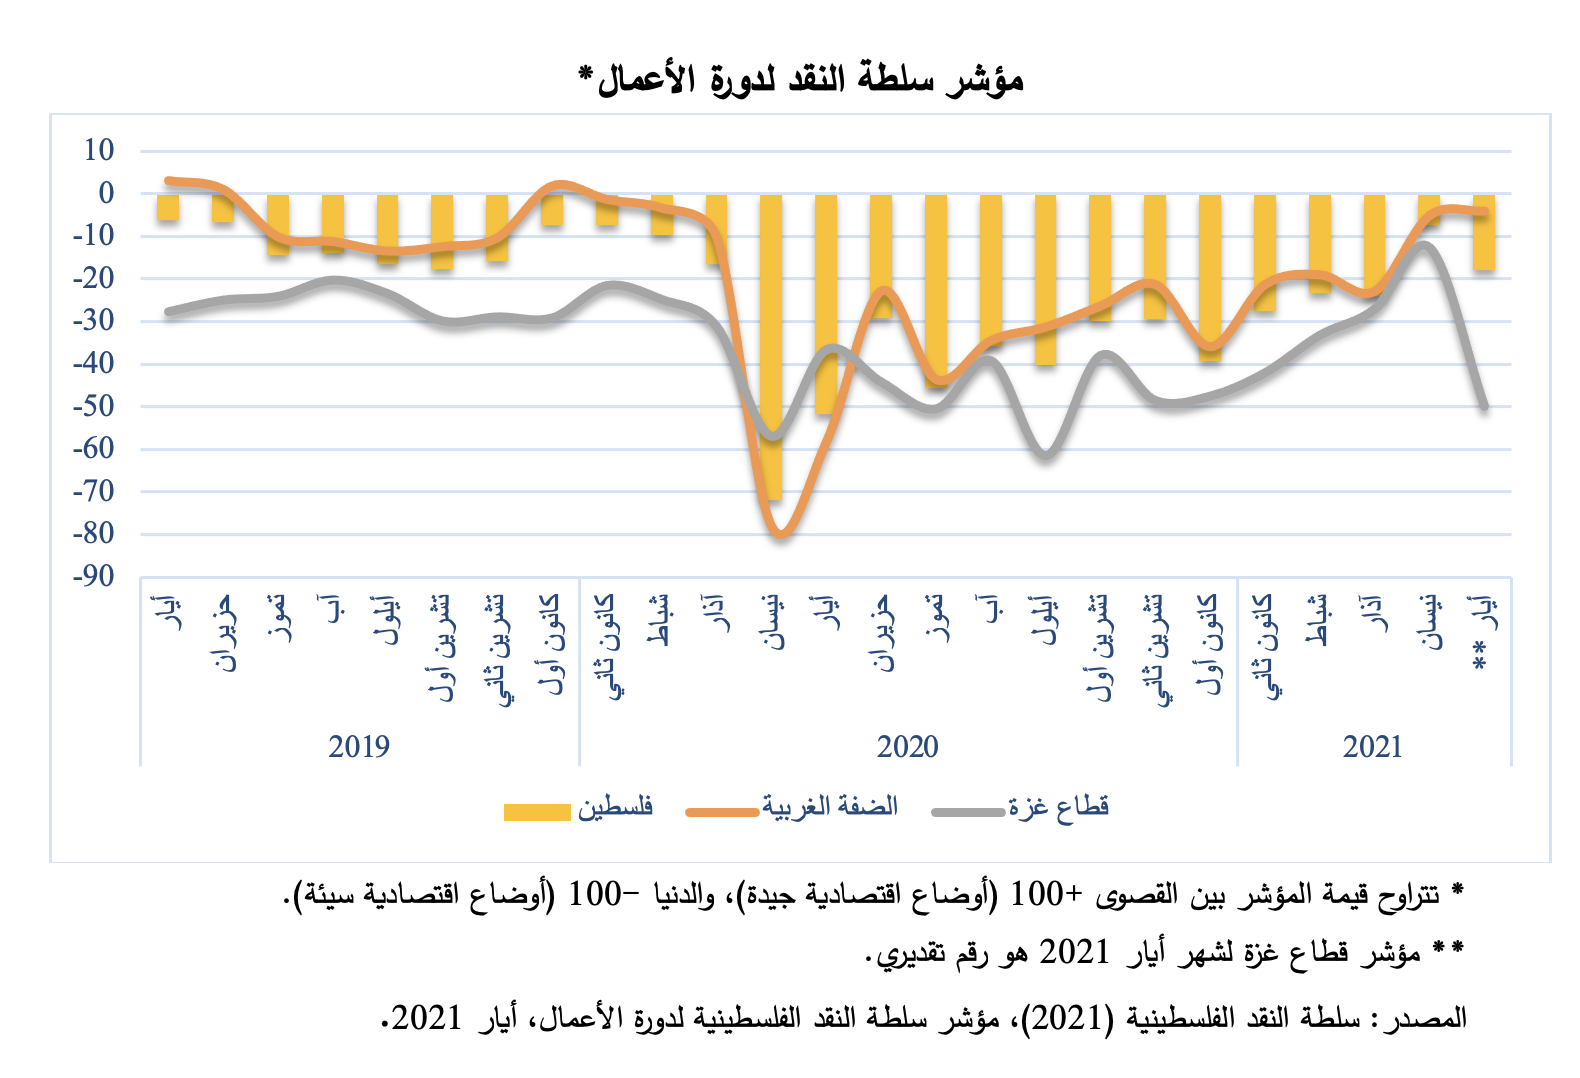 مؤشر سلطة النقد لدورة الأعمال: انكماش واسع في غزة